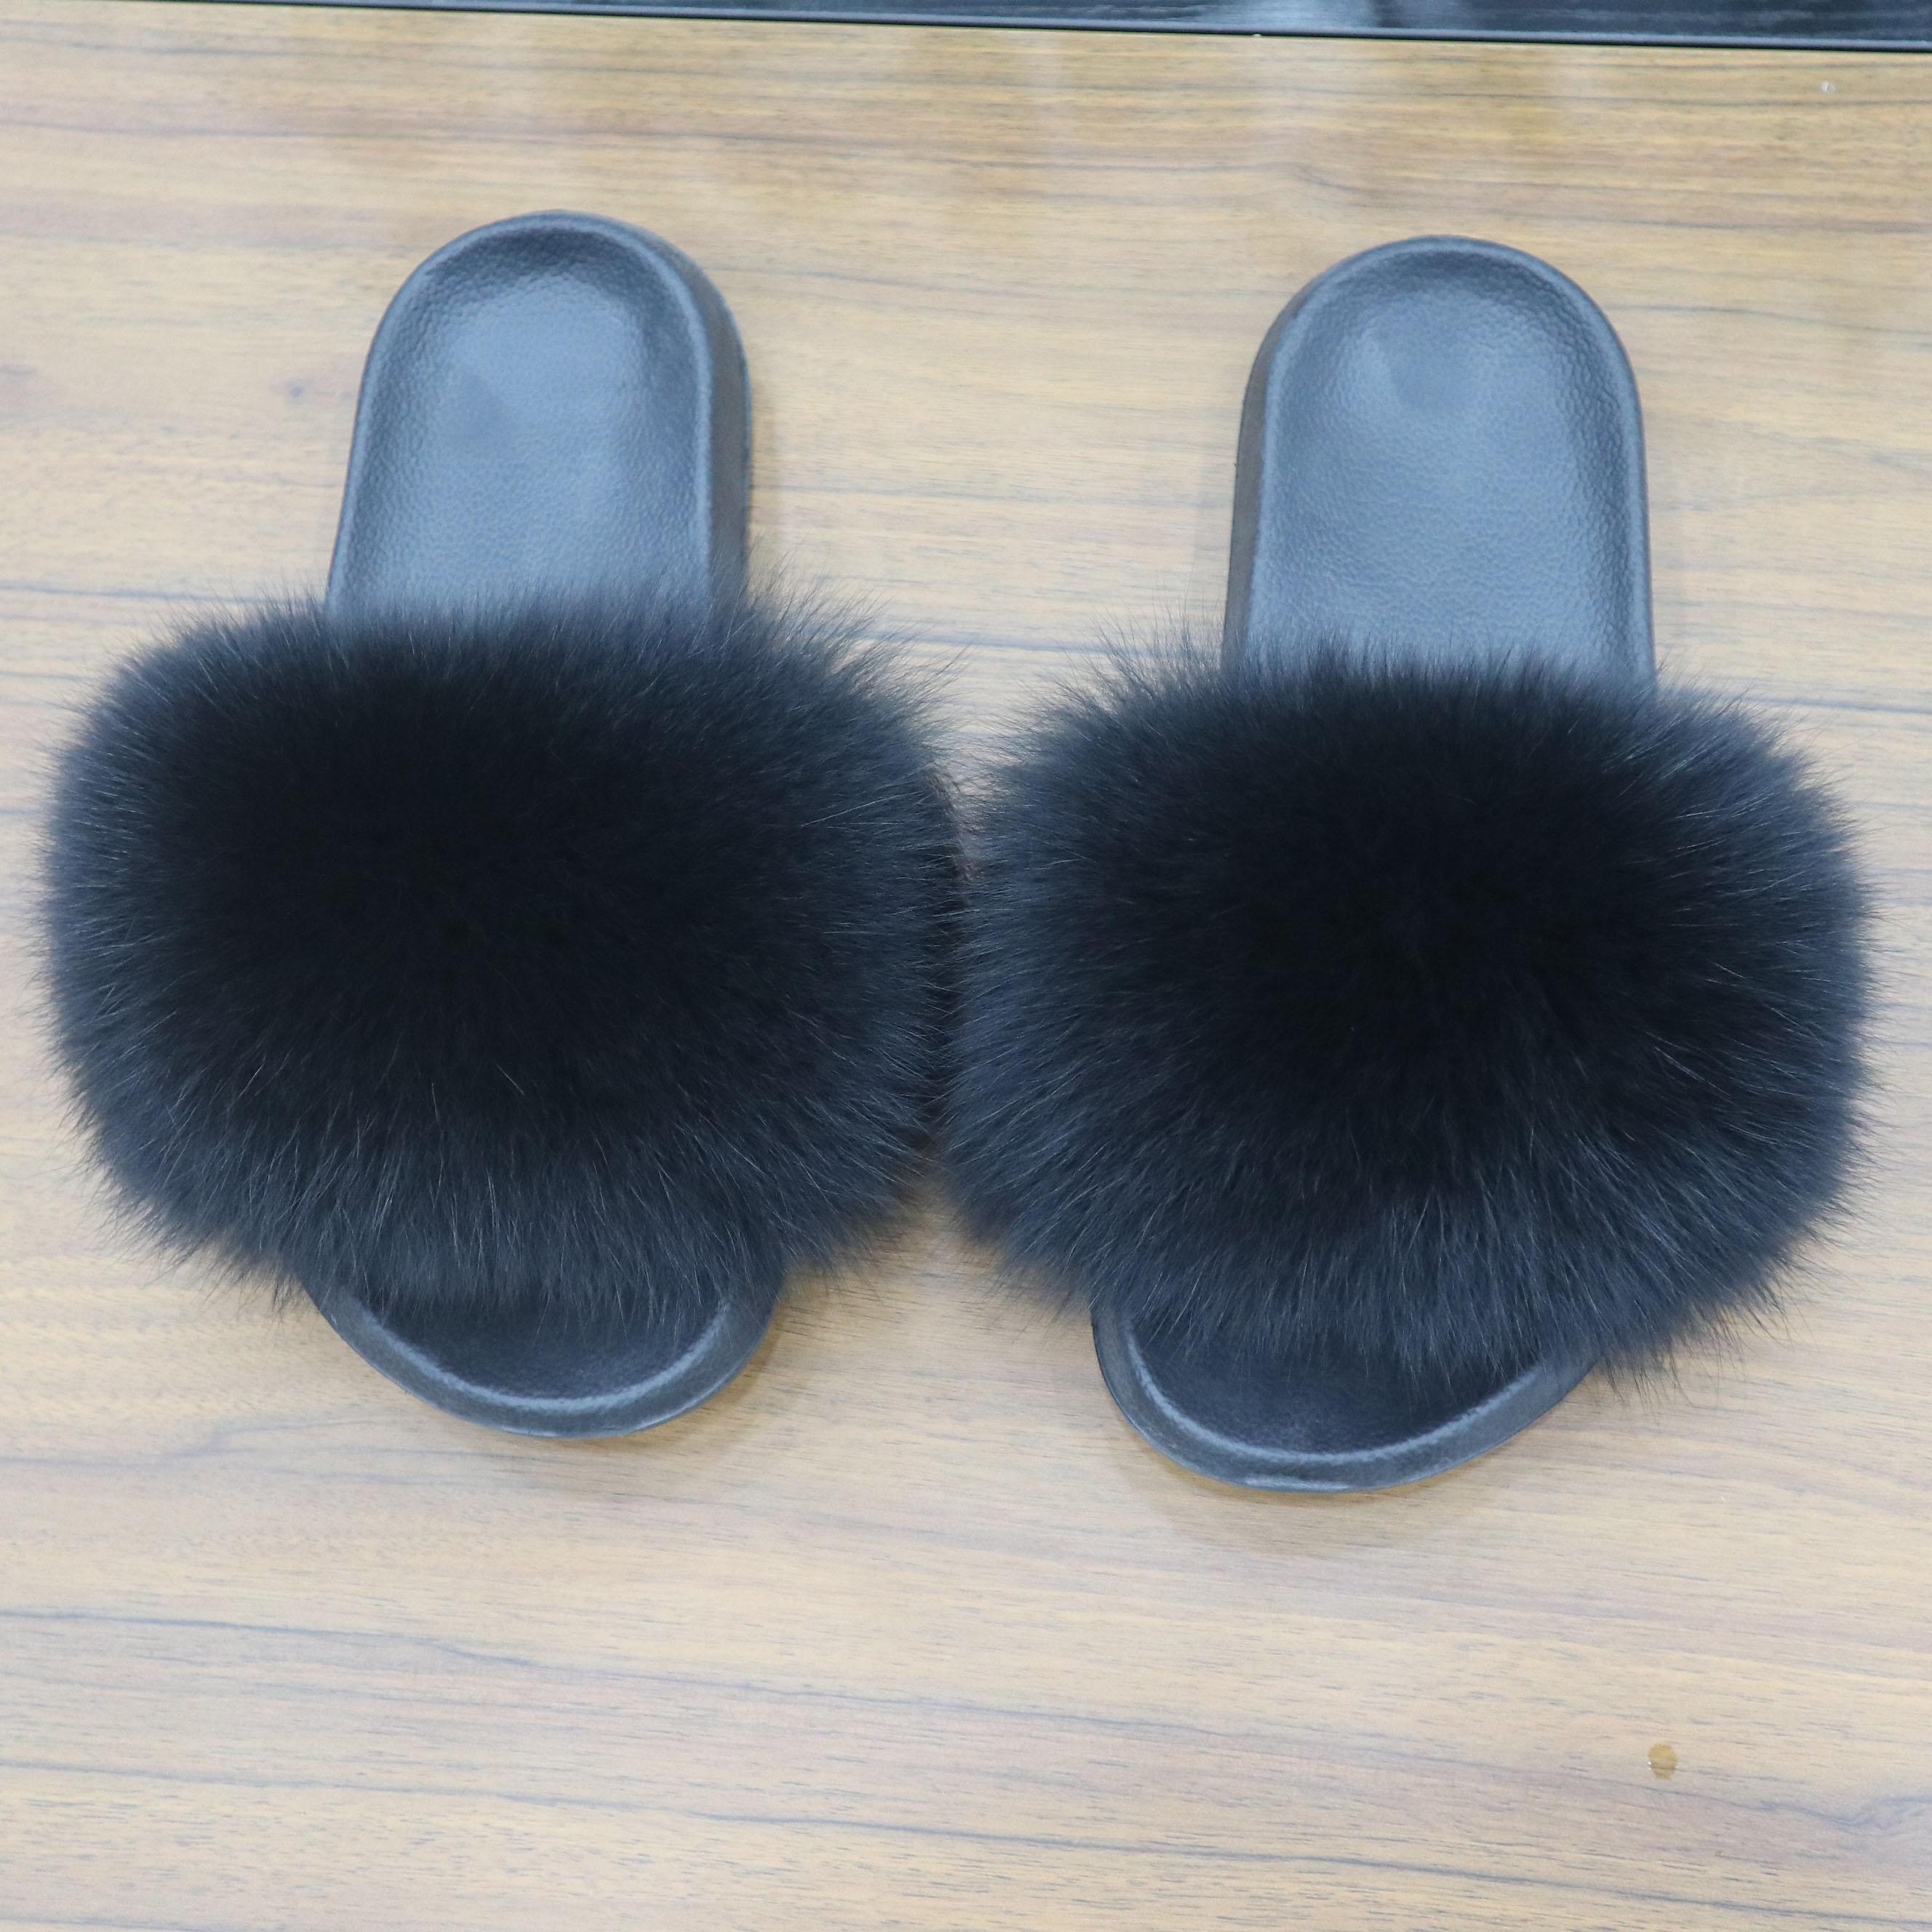 2020 New Year Womens Fur Fluffy